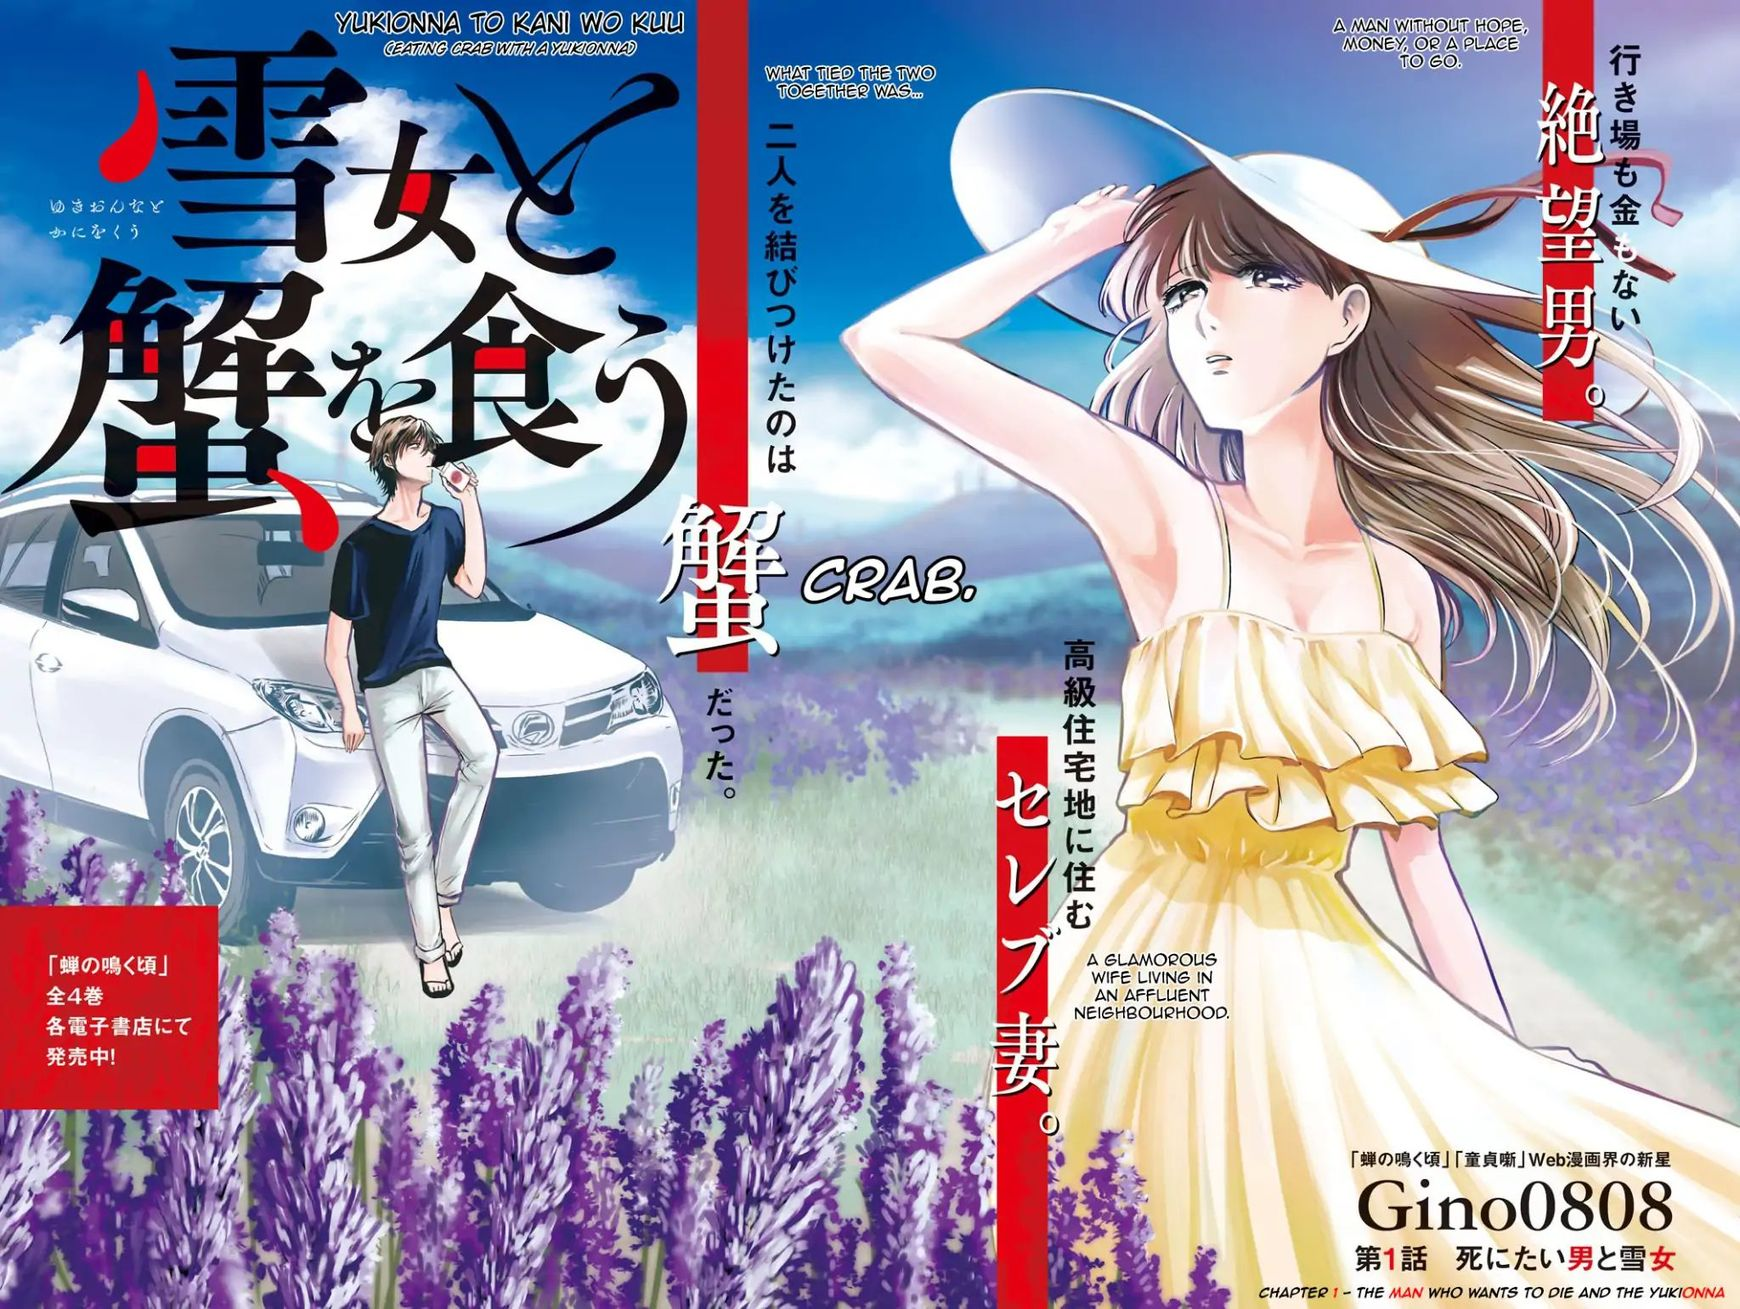 Yukionna to Kani wo Kuu 1 Page 2